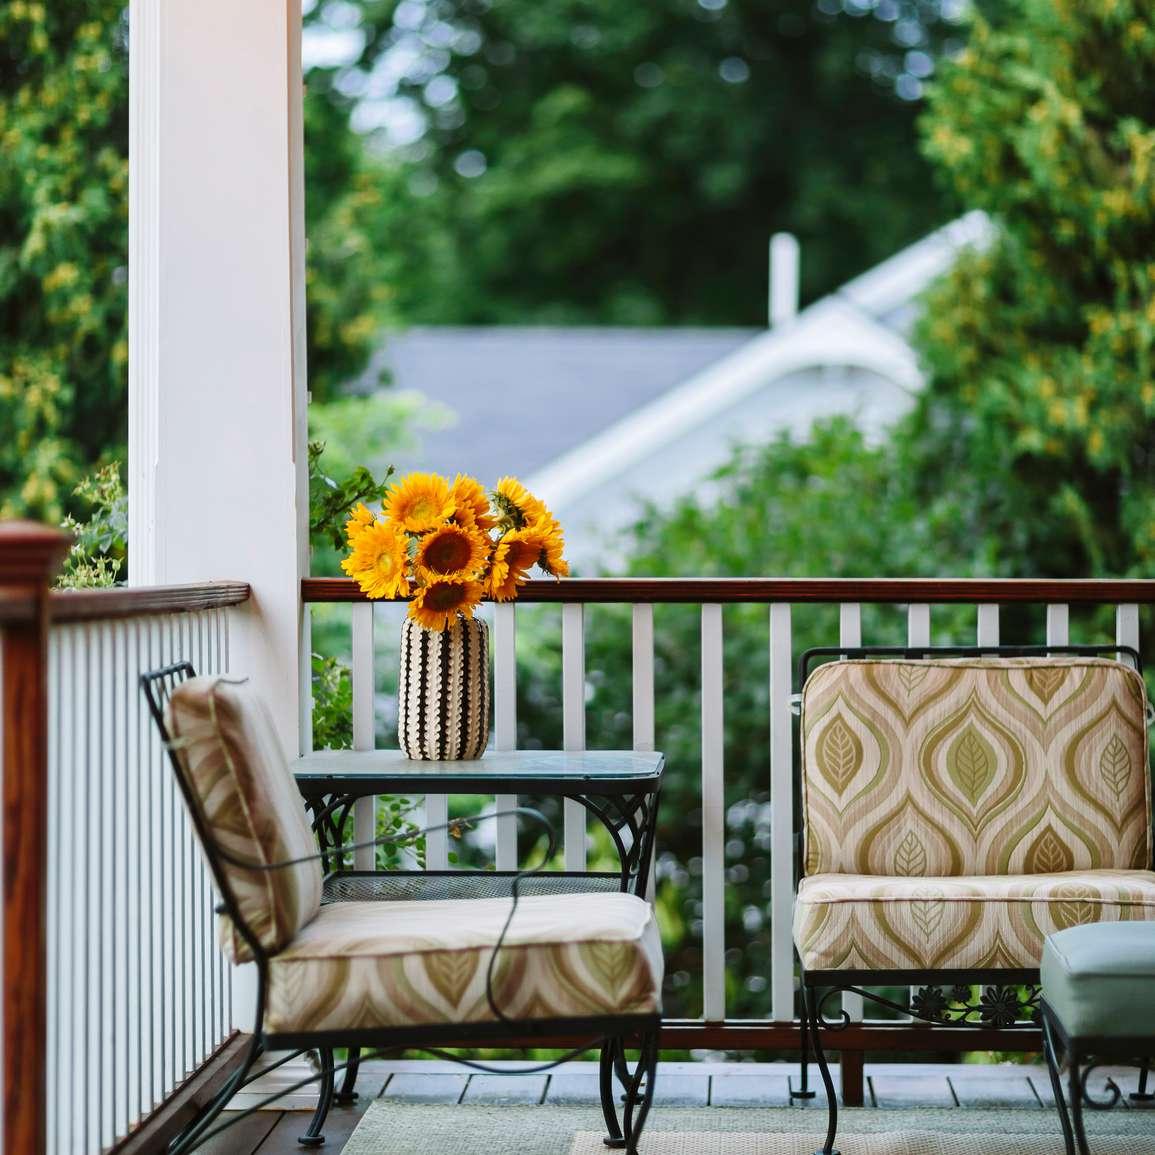 sillas y flores en el porche delantero